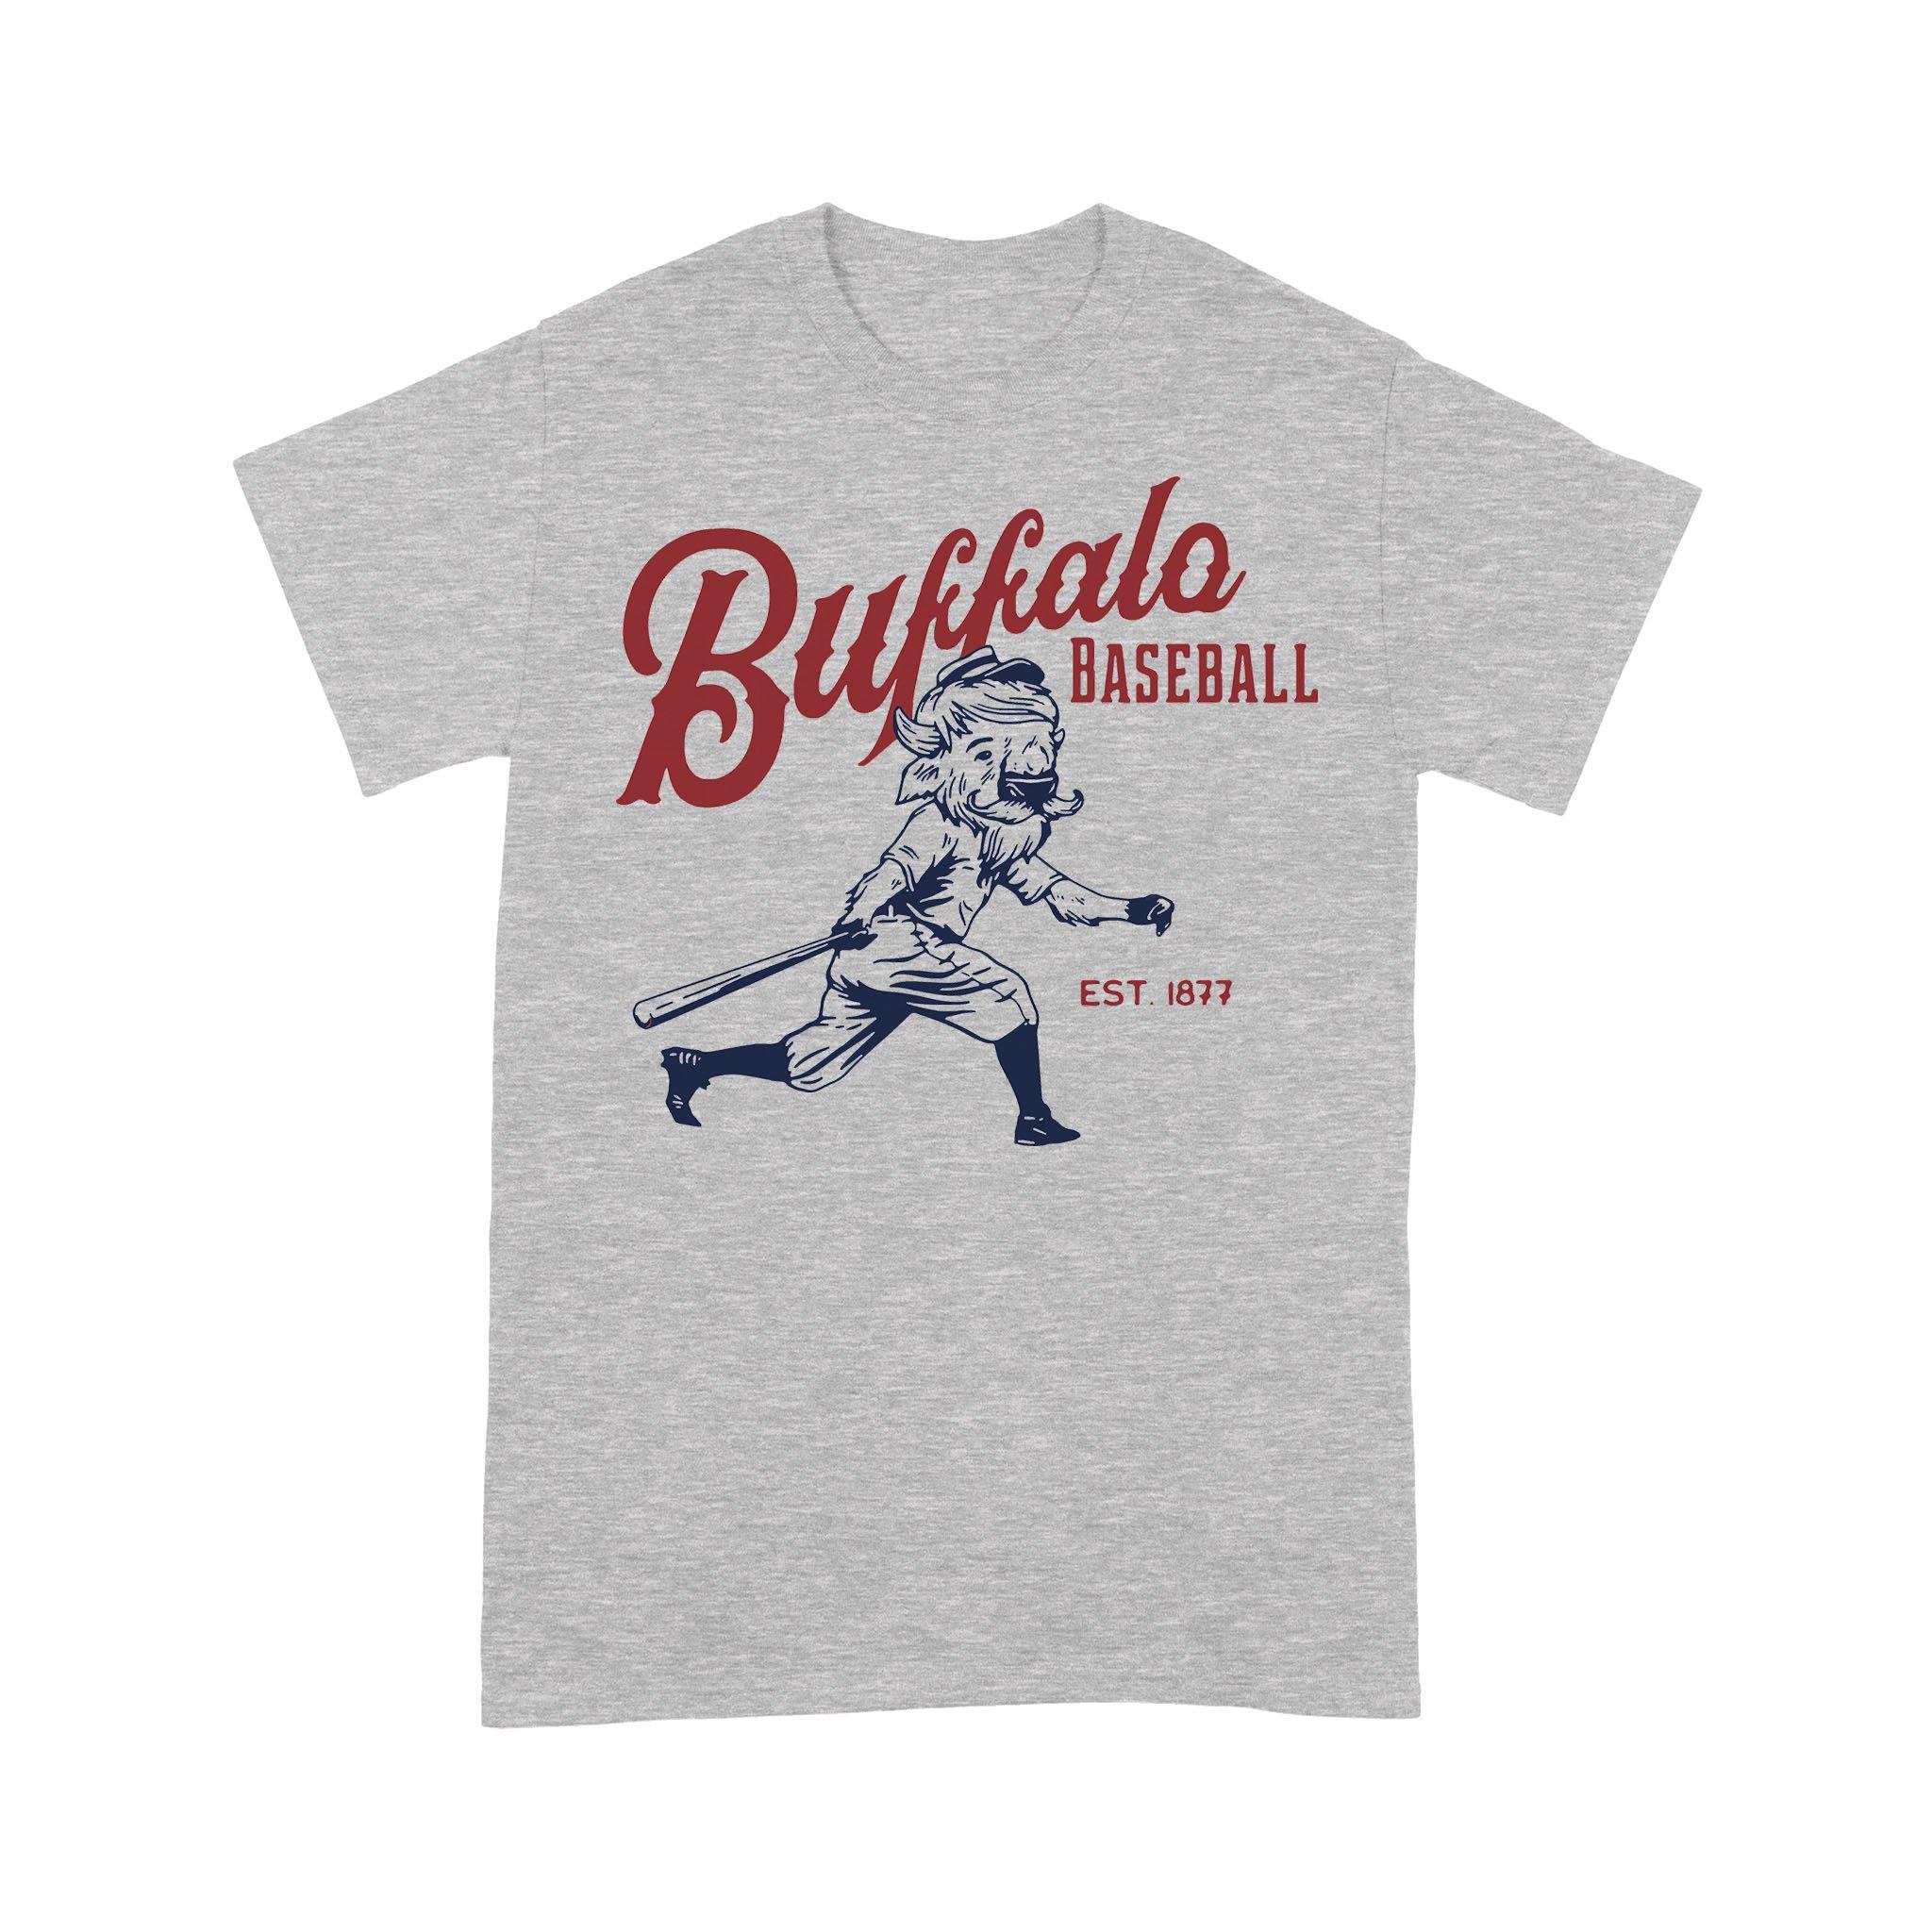 Buffalo Baseball Est 1877 T-shirt